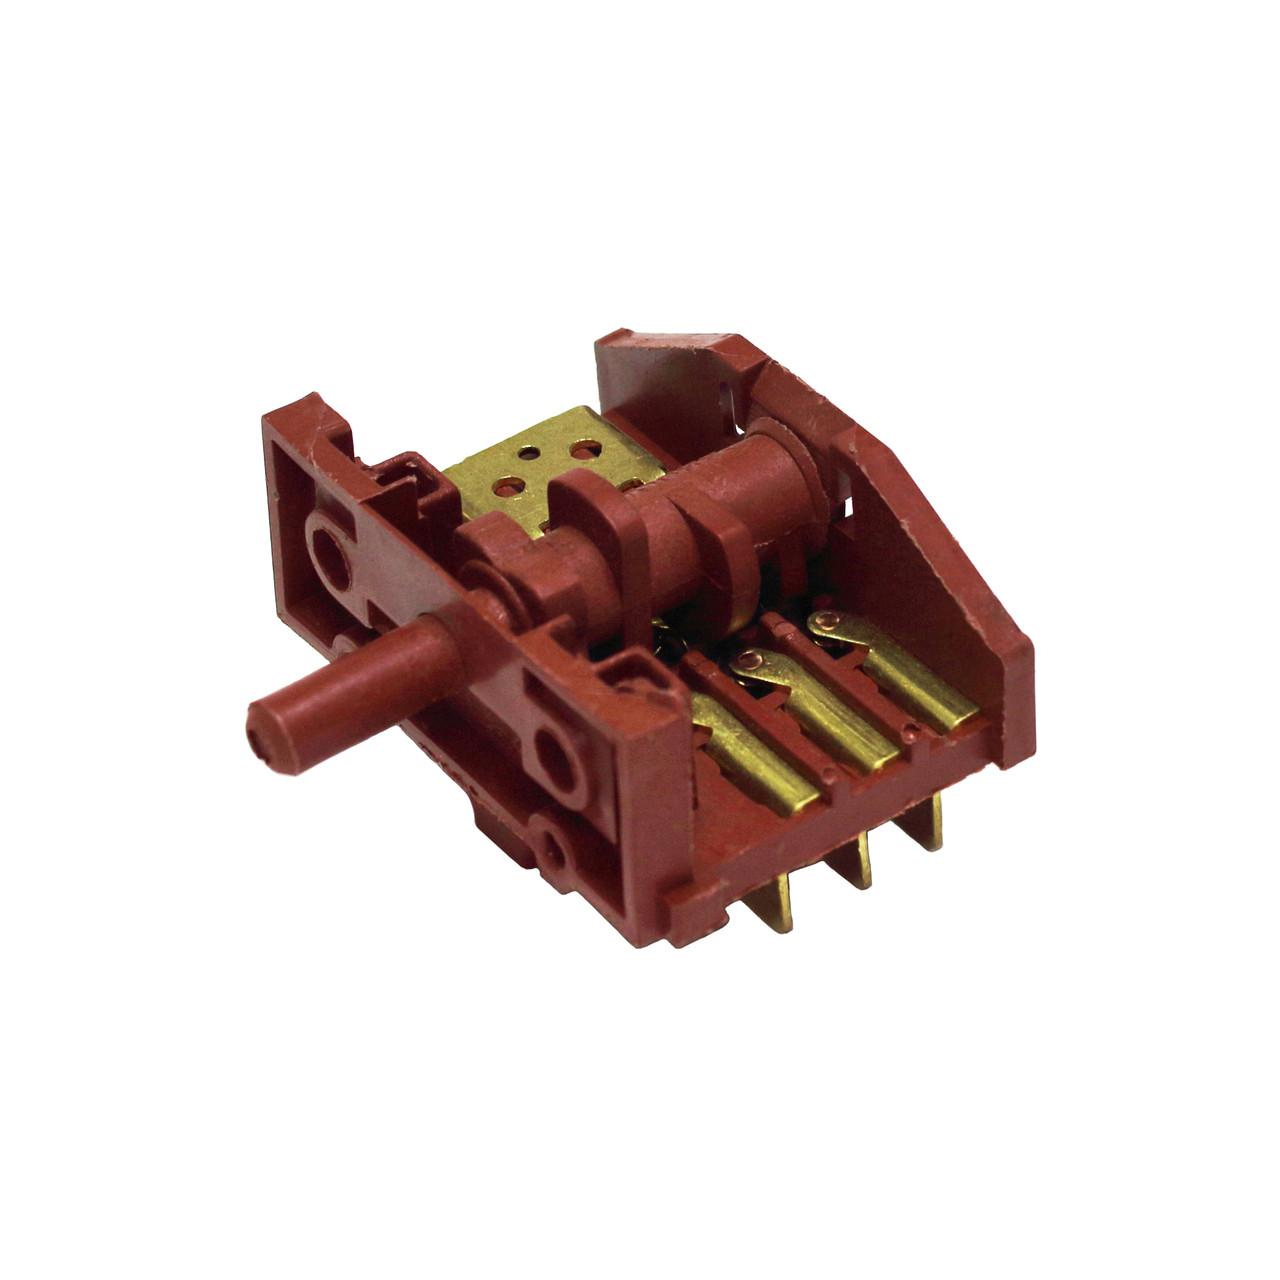 Переключатель режимов для электроплиты (4 позиции, вал 15 мм)